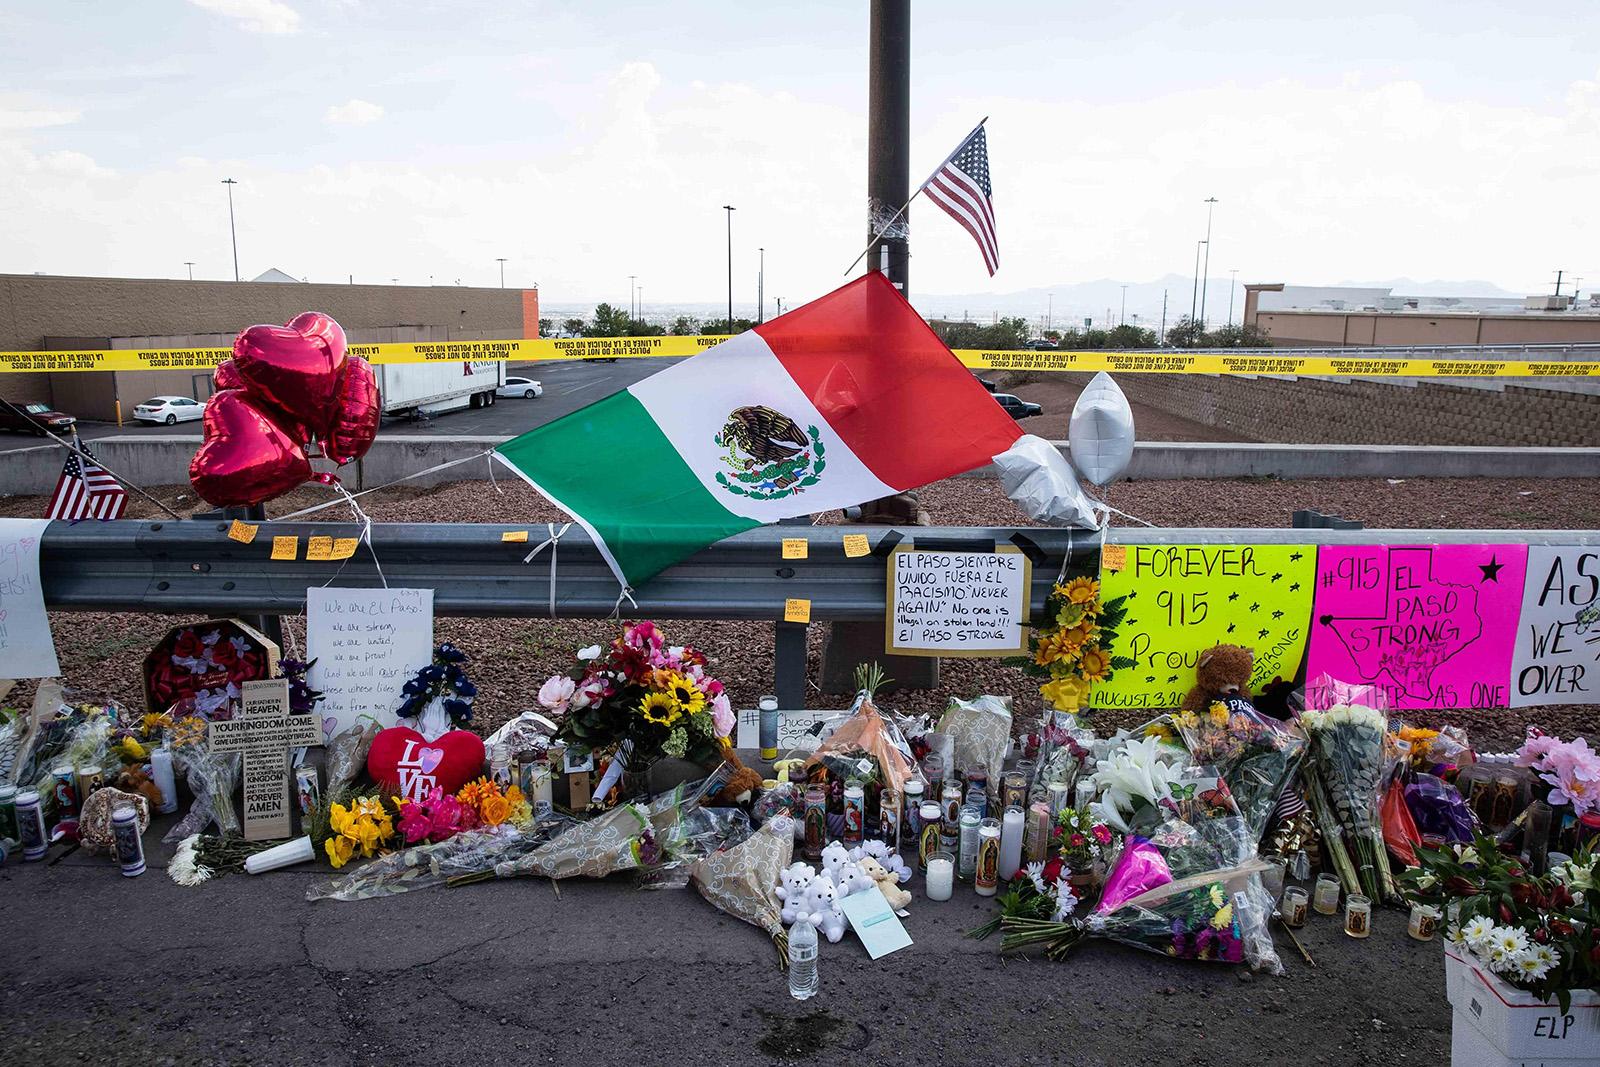 Una bandera de México destaca entre las flores, velas, fotos y peluches que fueron dejados en homenaje a las víctimas de la matanza en El Paso, Texas, frente a la tienda Walmart en donde ocurrió la tragedia. (LOLA GOMEZ/Austin American-Statesman/TNS)